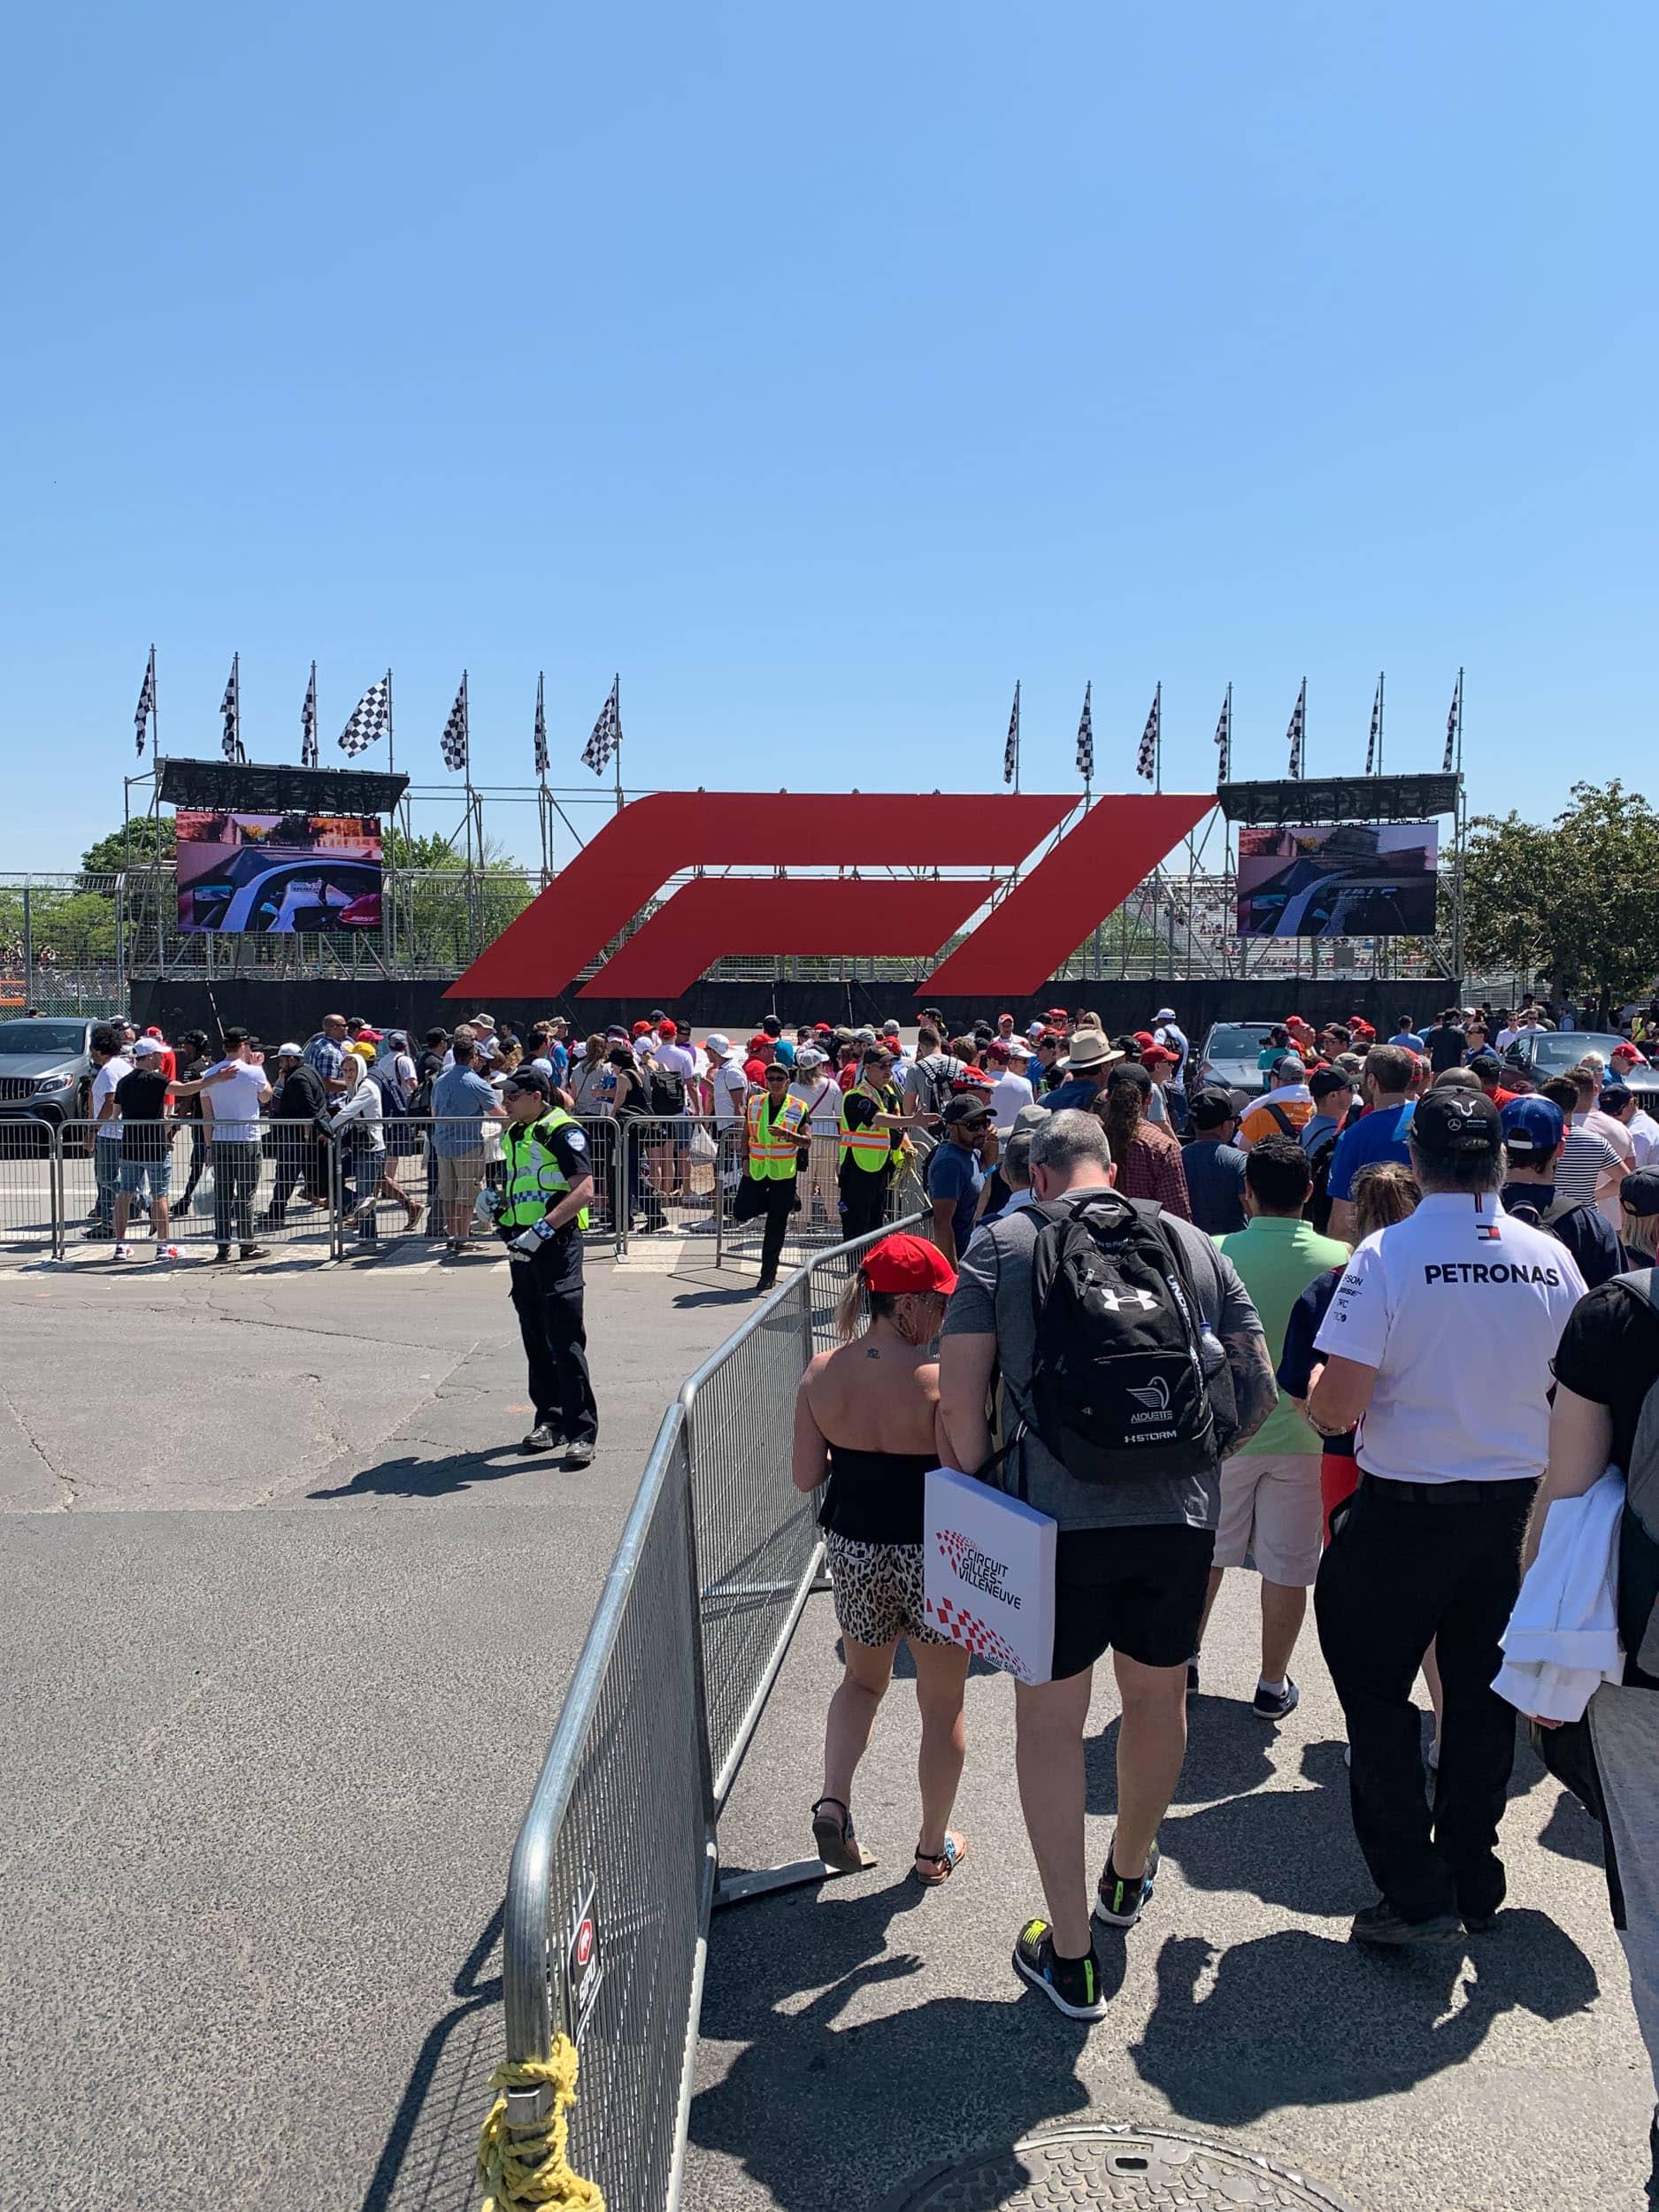 Arriving at Circuit Gilles Villeneuve